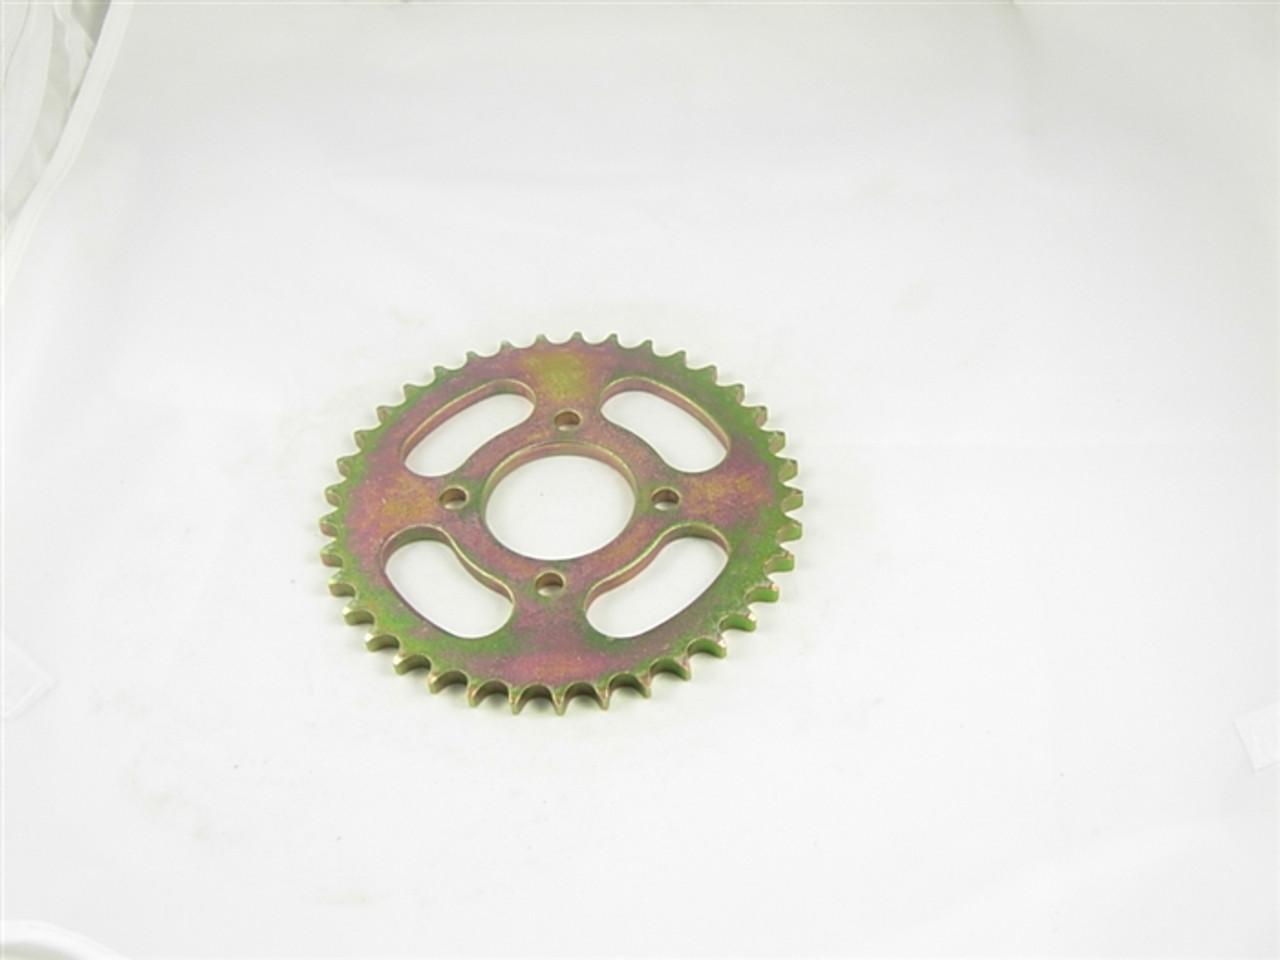 CHAIN SPROCKET (REAR) 10266-A15-14